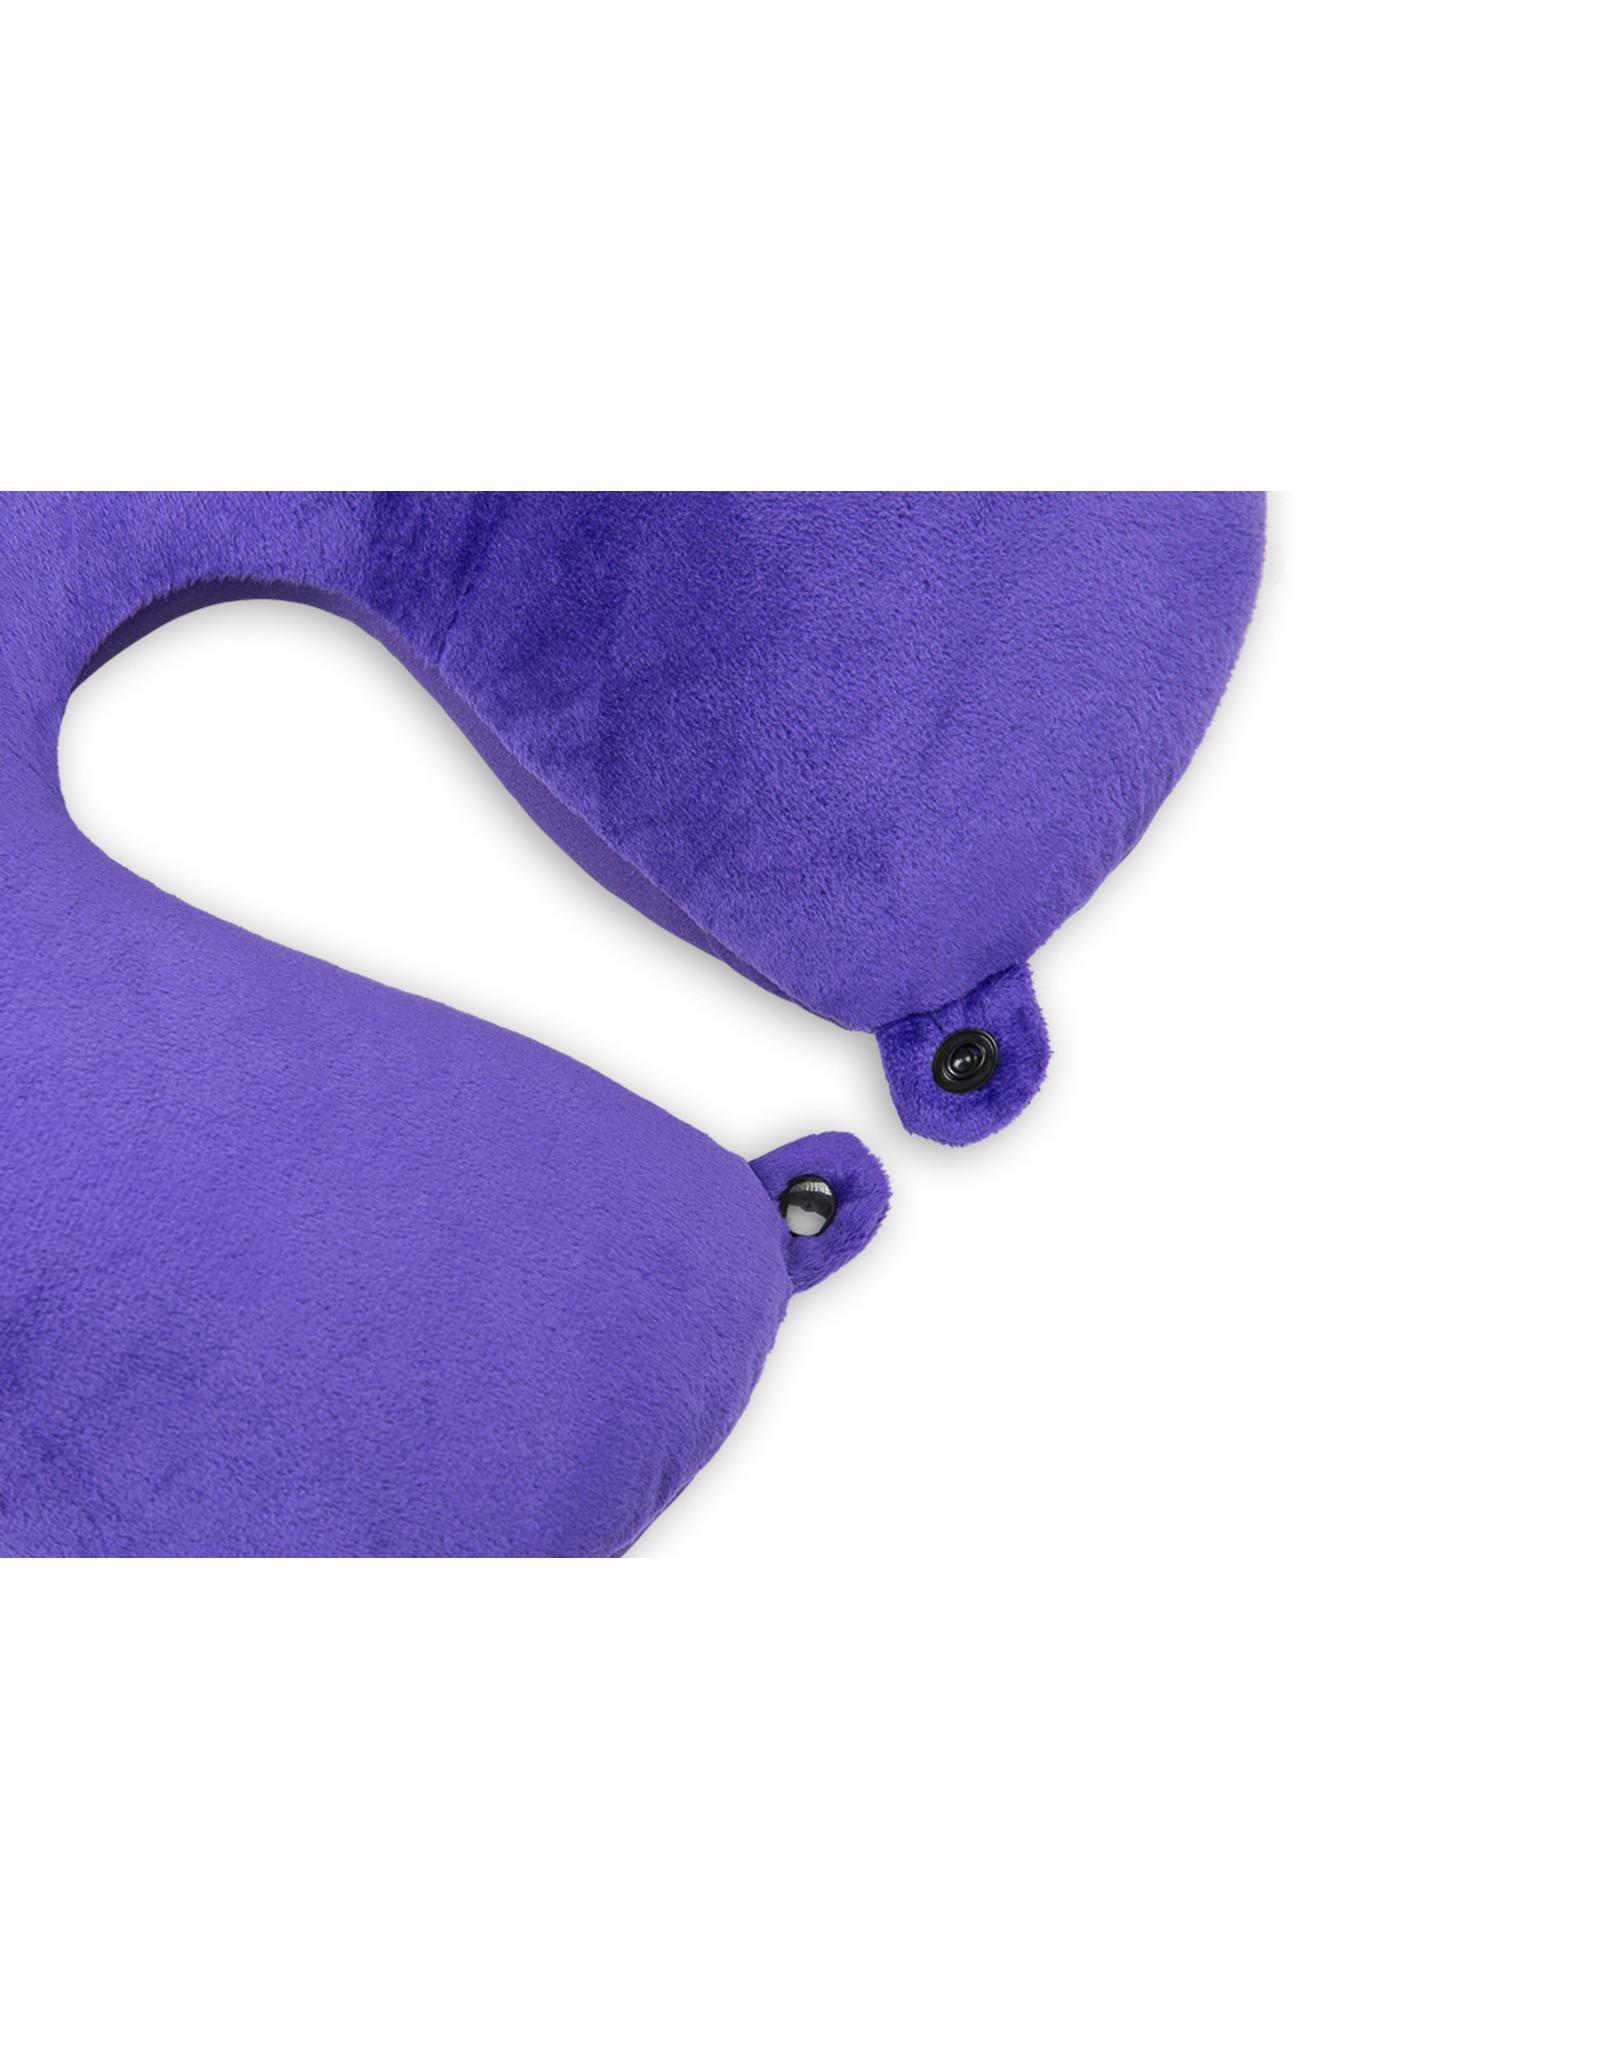 INVITALIS Kuschel-Maxx - Cuscini per il Collo Violett